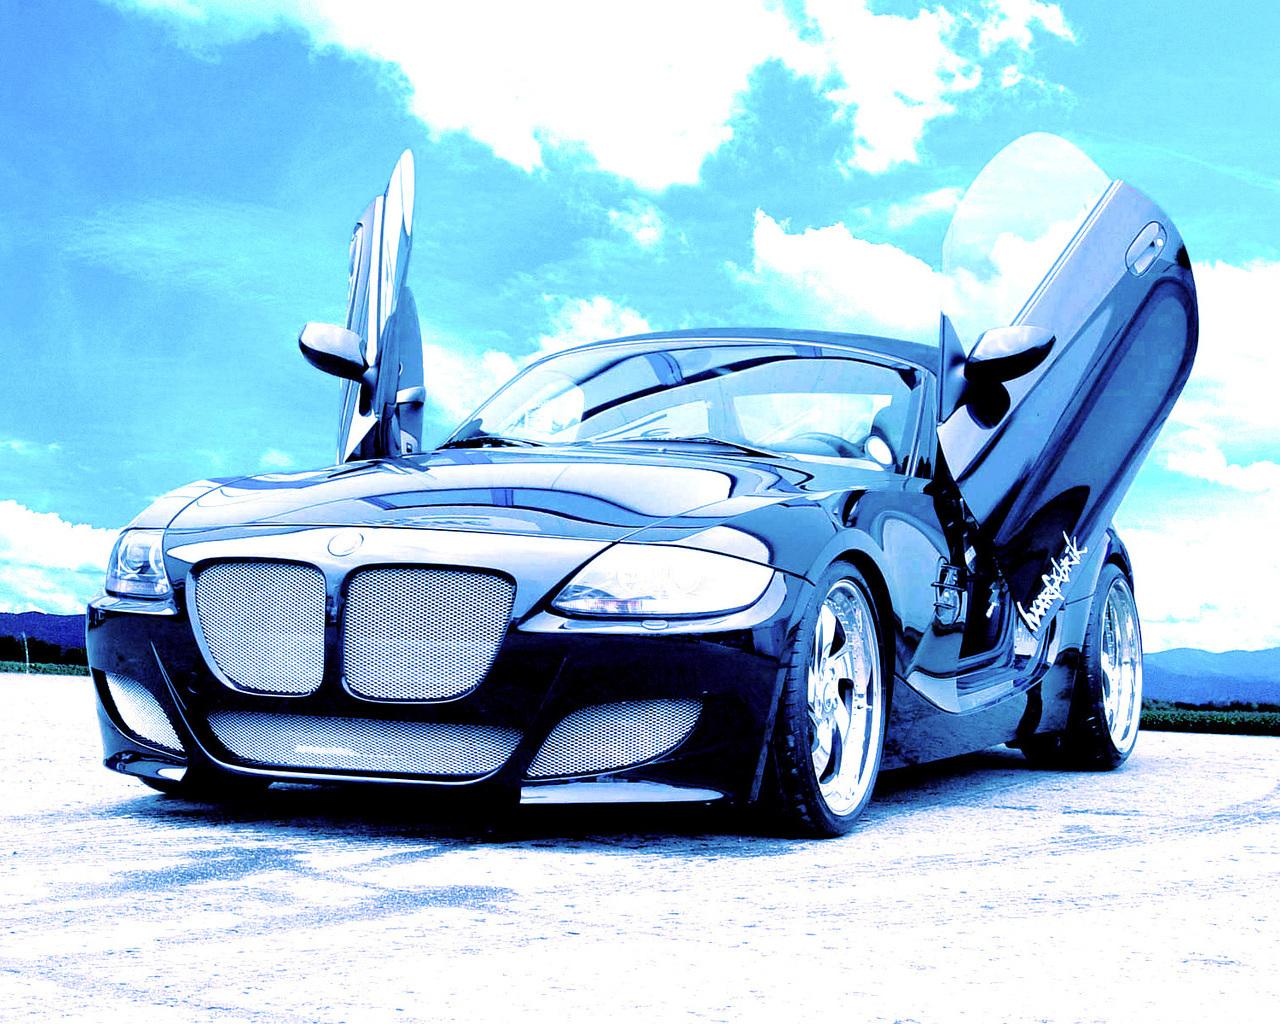 Photos BMW BMW Z4 Cars auto automobile